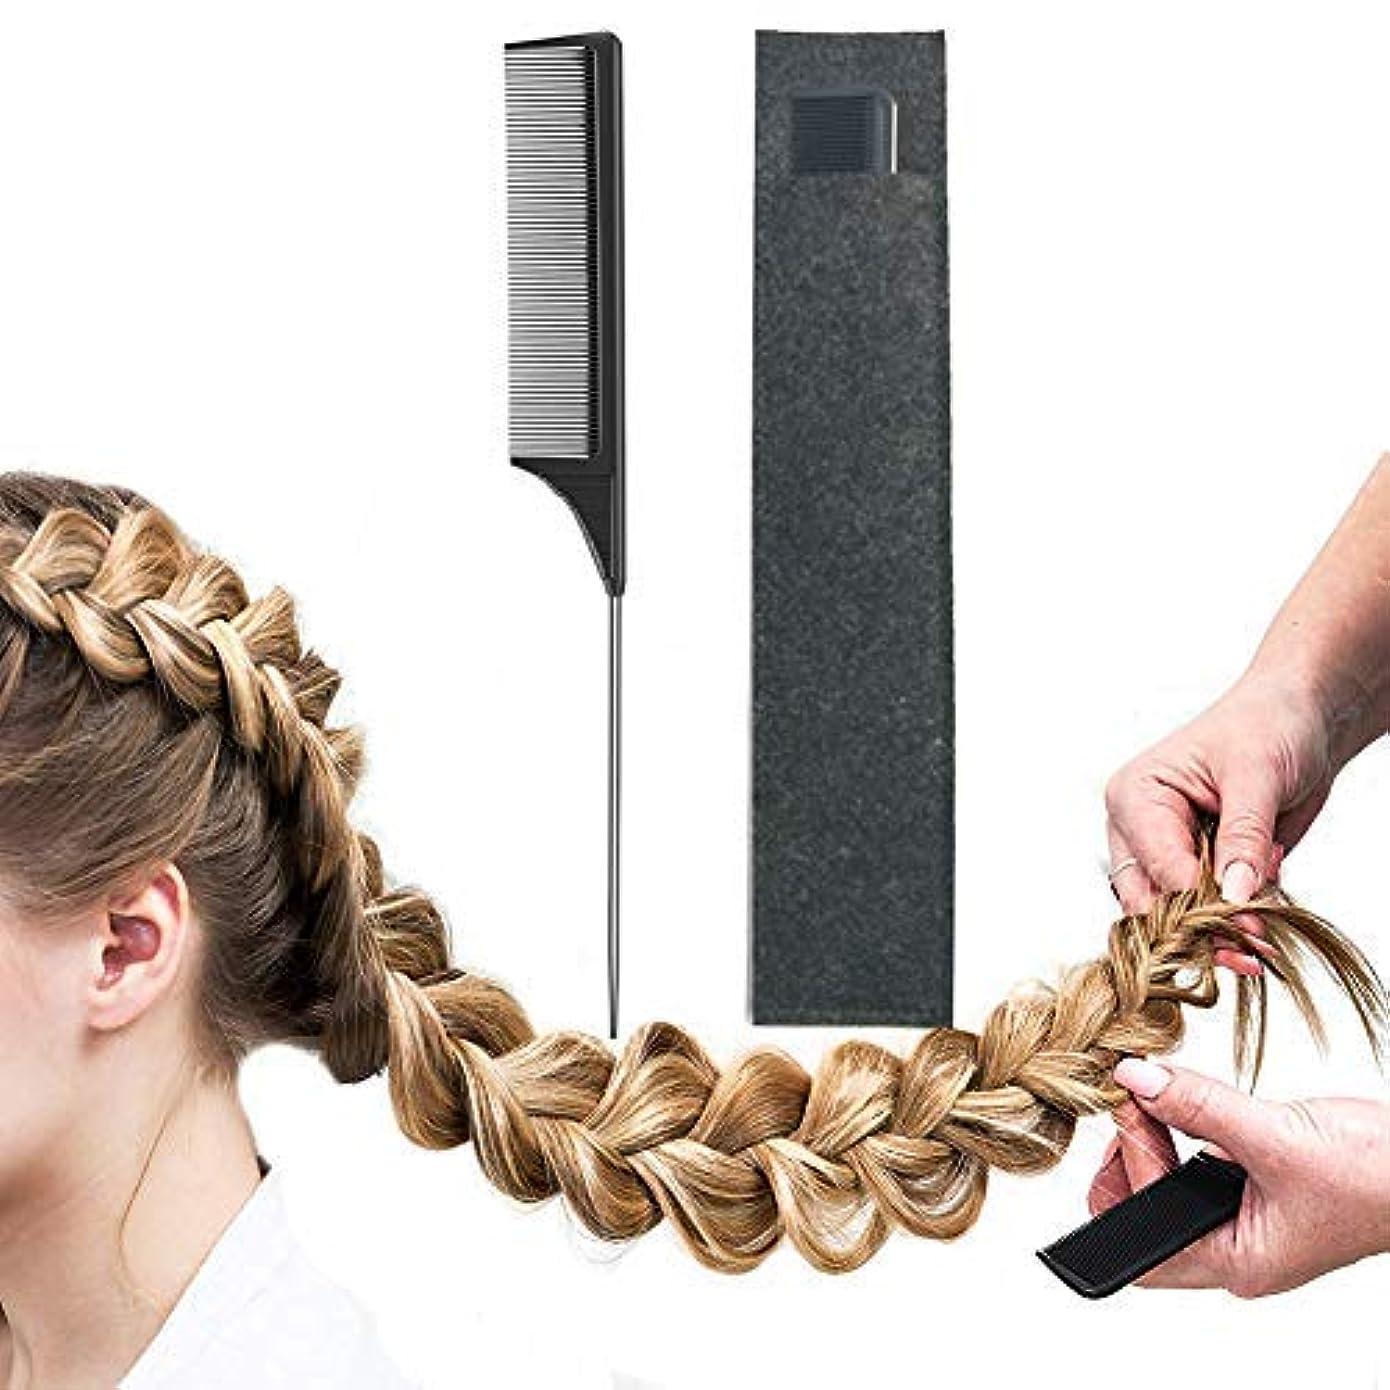 開いた定期的原油Pintail Comb Carbon Fiber And Heat Resistant Teasing HairTail Combs Metal With Non-skid Paddle For Hair Styling...